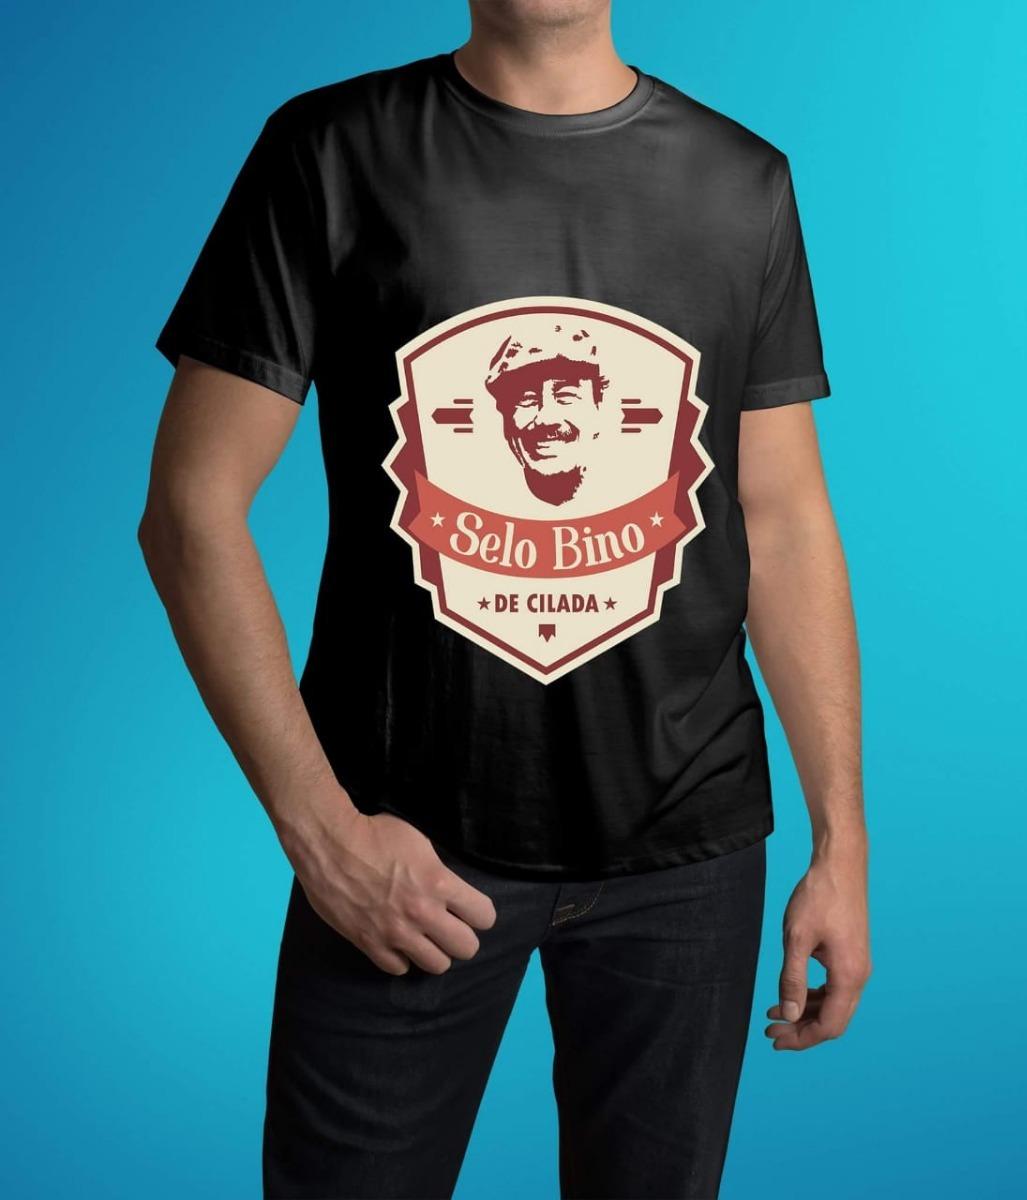 042d803e3 camisetas personalizadas com estampa tamanho a4 100% poli. Carregando zoom.